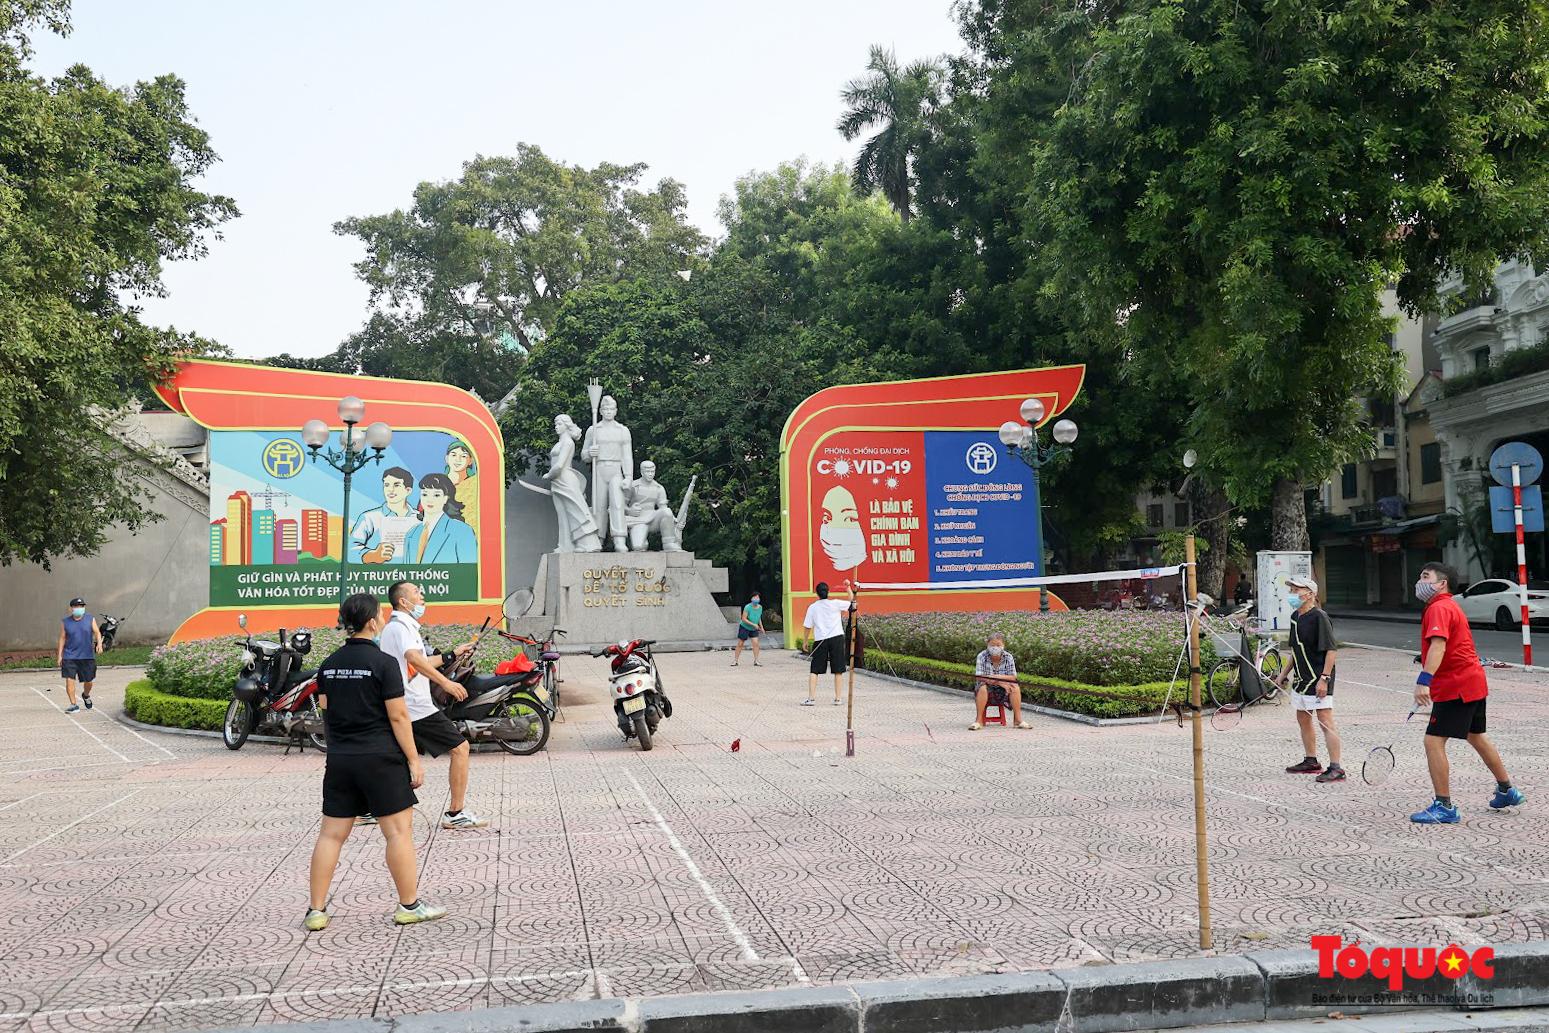 Hồ Gươm đông nghịt người dân tập thể dục sau nhiều ngày bị giãn cách - Ảnh 1.